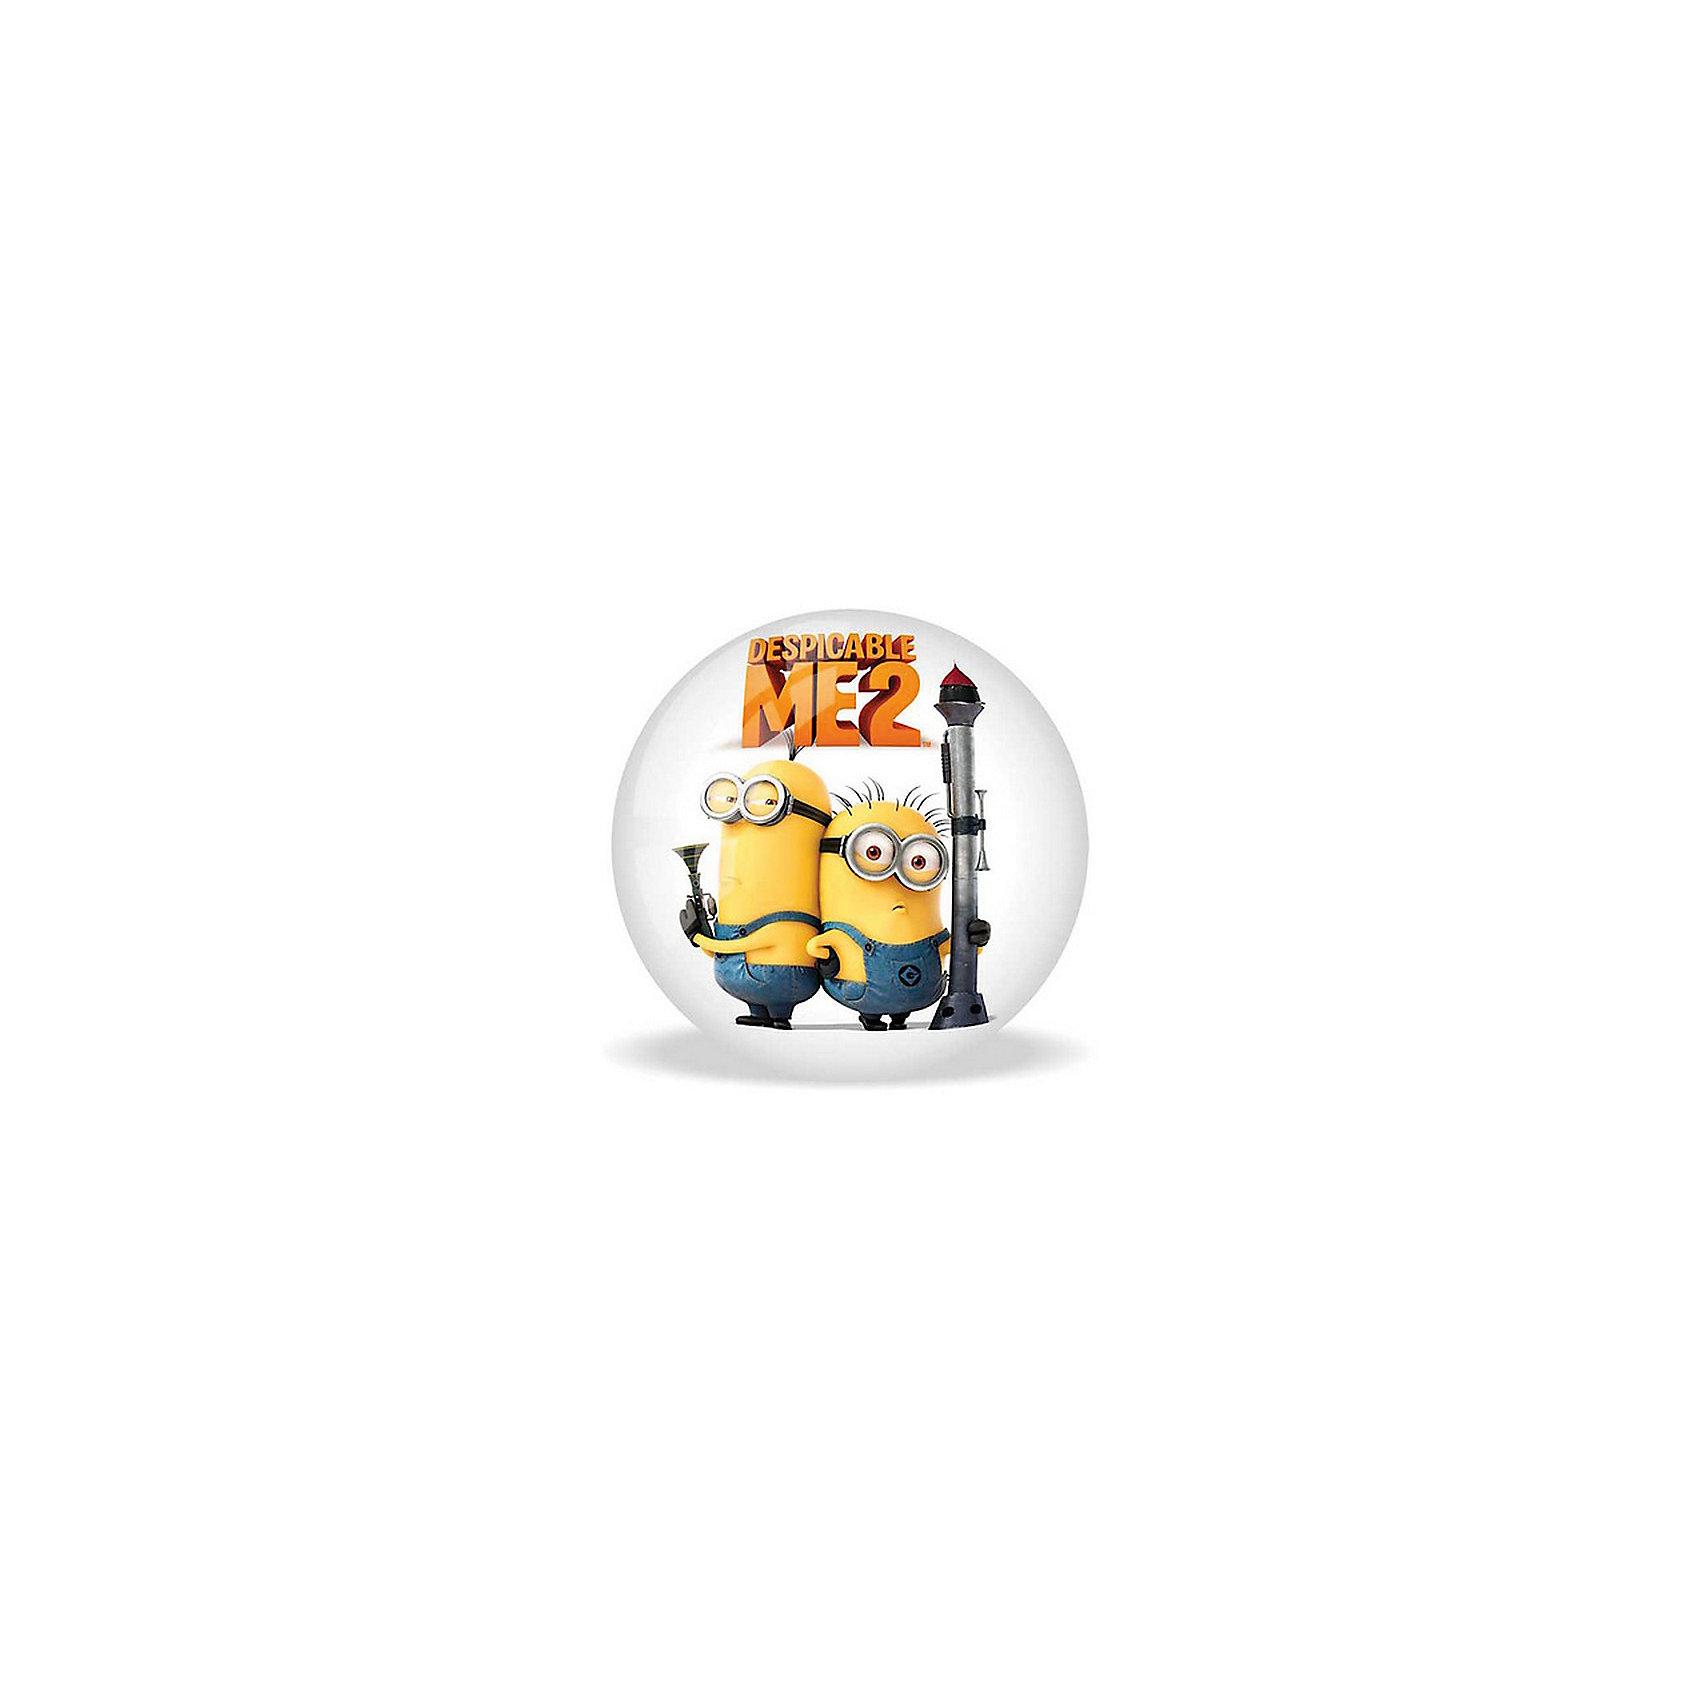 Мяч Гадкий Я- 2, 23 см,  MondoКрасивый, яркий мячик  с героями известного мультфильма обязательно понравится ребенку. Он выполнен из высококачественной прочной резины, при нанесении изображения использованы безопасные для детей красители, имеет удобный для игр размер. Игра в мяч развивает координацию движений, моторику рук и ног, стимулирует детей к физической активности и просто приносит множество улыбок и веселых мгновений.<br><br>Дополнительная информация:<br><br>- Материал: резина.<br>- Цвет: голубой, желтый, белый.<br>- Рисунок Гадкий Я- 2<br>- Размер: 23 см. <br><br>Мяч Гадкий Я- 2, 23 см,  Mondo можно купить в нашем магазине.<br><br>Ширина мм: 230<br>Глубина мм: 230<br>Высота мм: 230<br>Вес г: 140<br>Возраст от месяцев: 36<br>Возраст до месяцев: 84<br>Пол: Унисекс<br>Возраст: Детский<br>SKU: 4042927